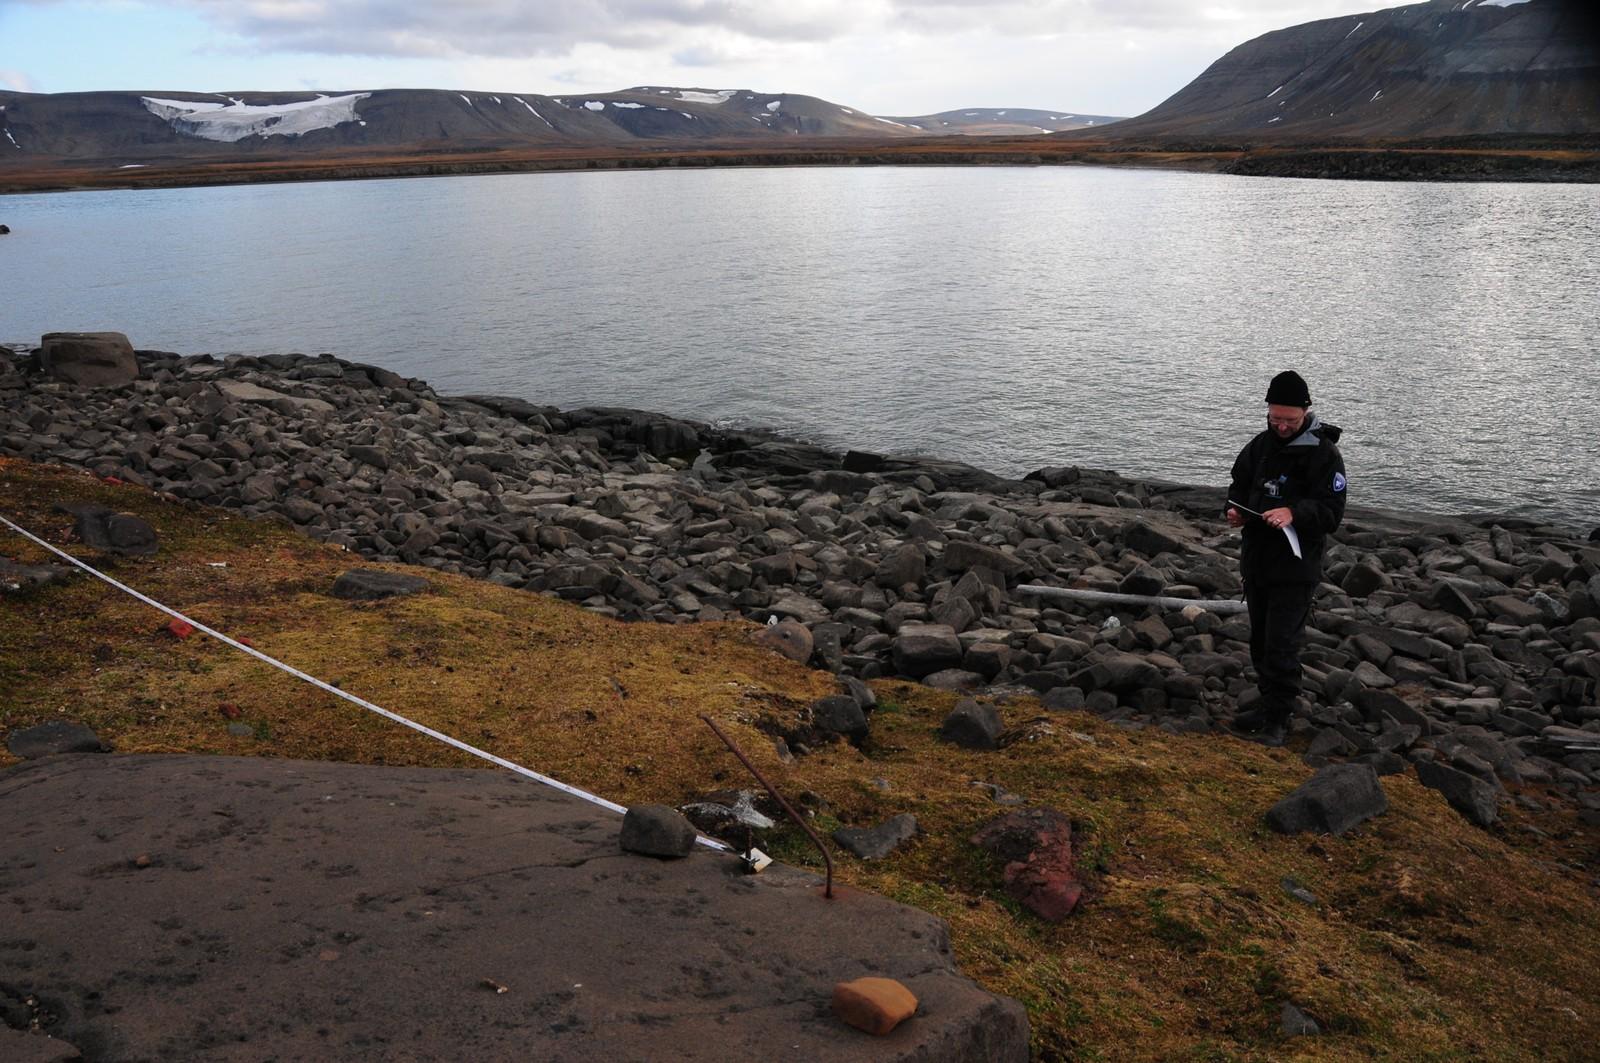 Arkeolog ved Sysselmannen på Svalbard, Snorre Haukalid, måler erosjon i Habenichtbukta i 2014.